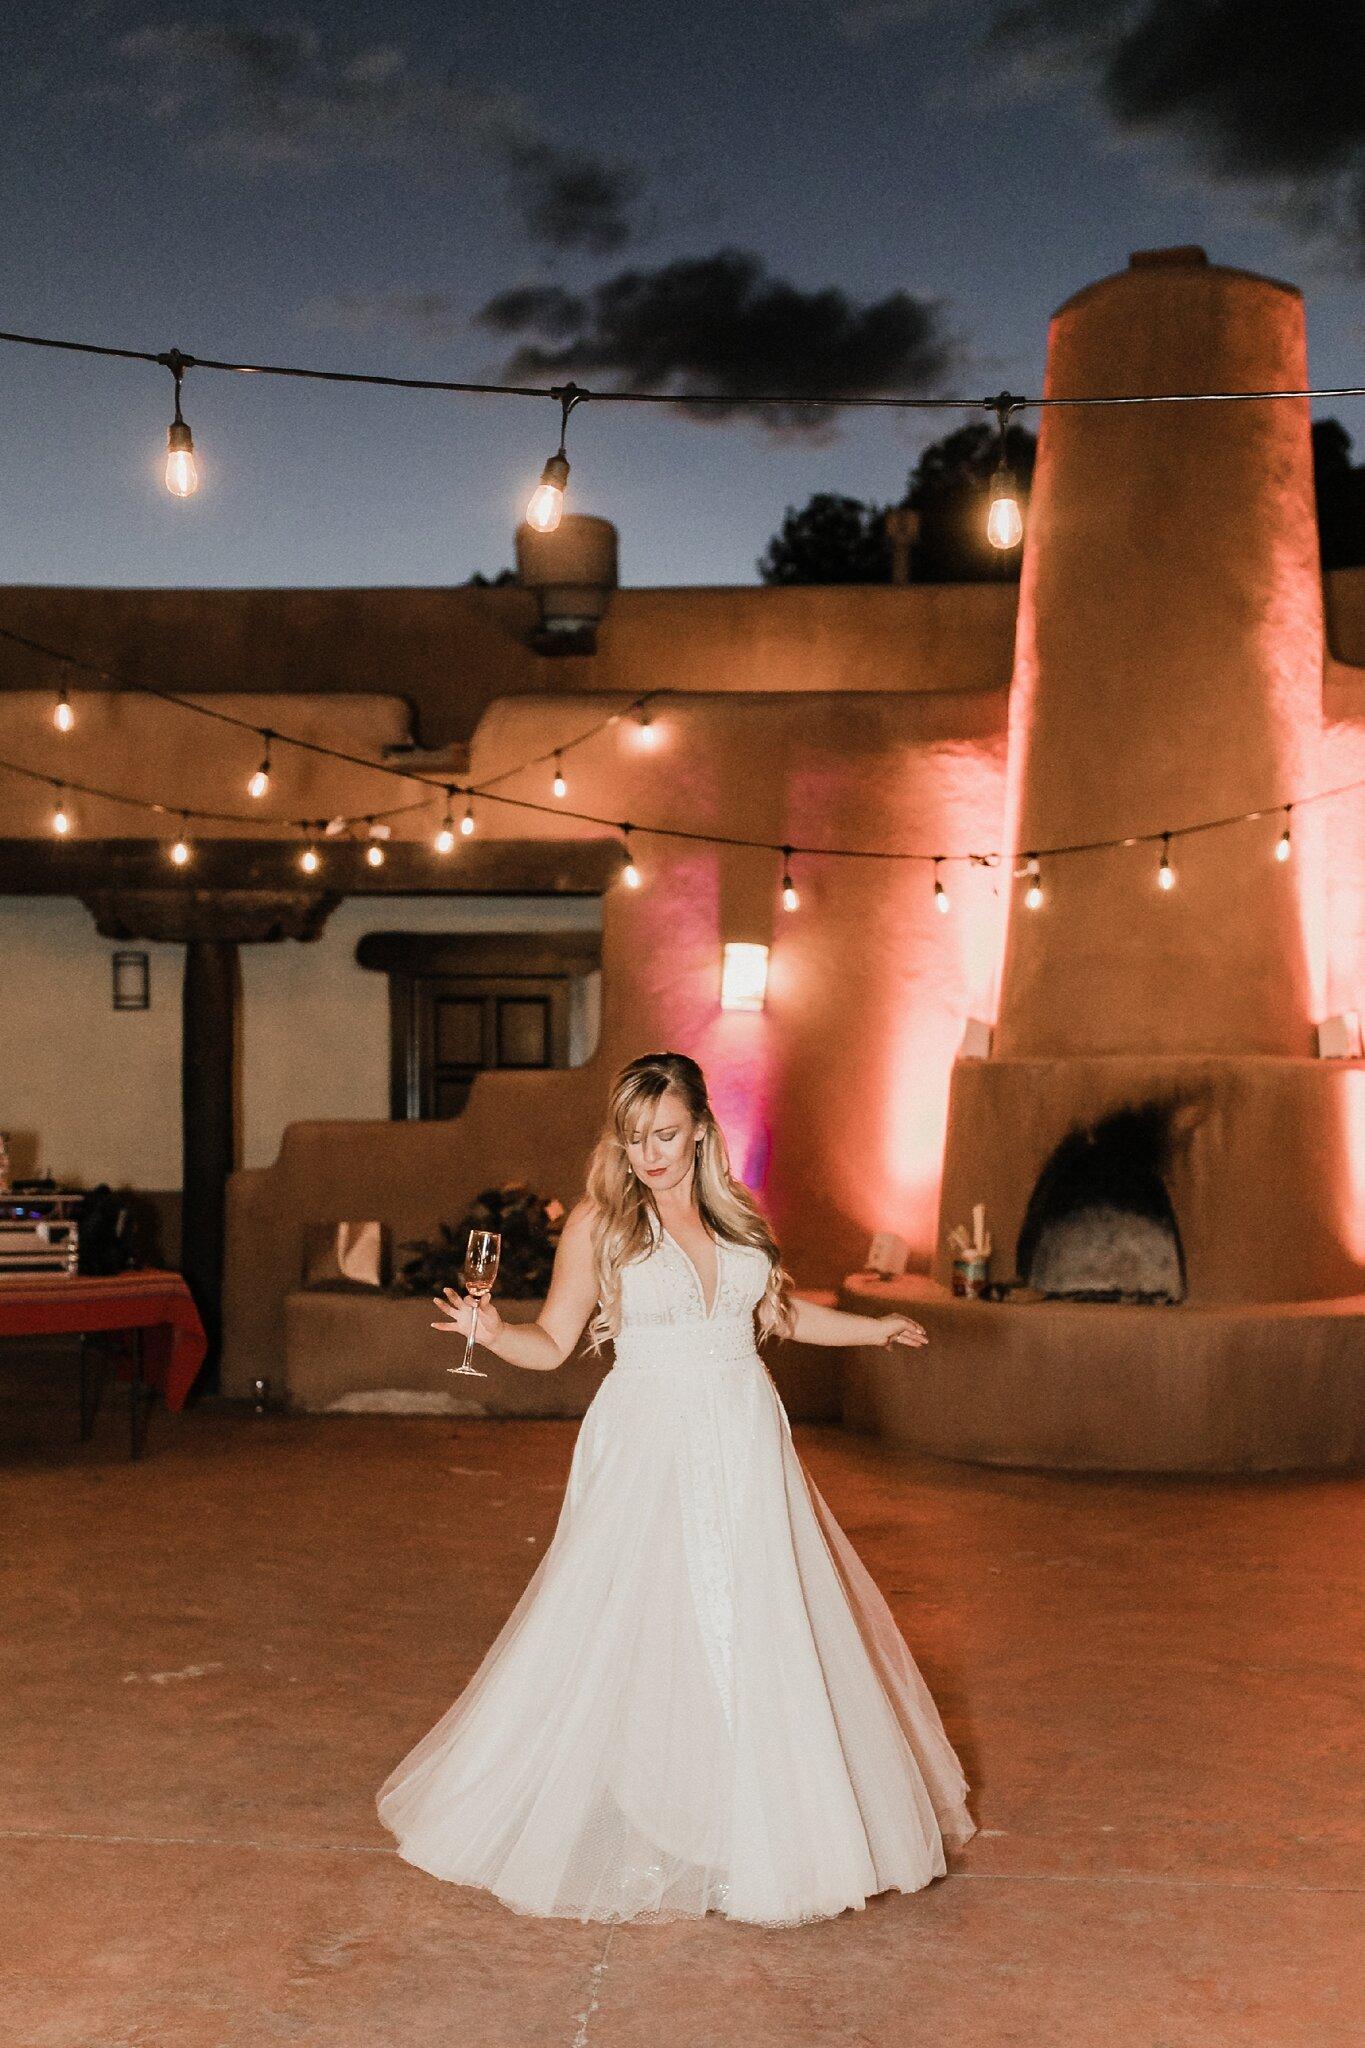 Alicia+lucia+photography+-+albuquerque+wedding+photographer+-+santa+fe+wedding+photography+-+new+mexico+wedding+photographer+-+new+mexico+wedding+-+wedding+-+santa+fe+wedding+-+ghost+ranch+-+ghost+ranch+wedding+-+fall+wedding_0097.jpg